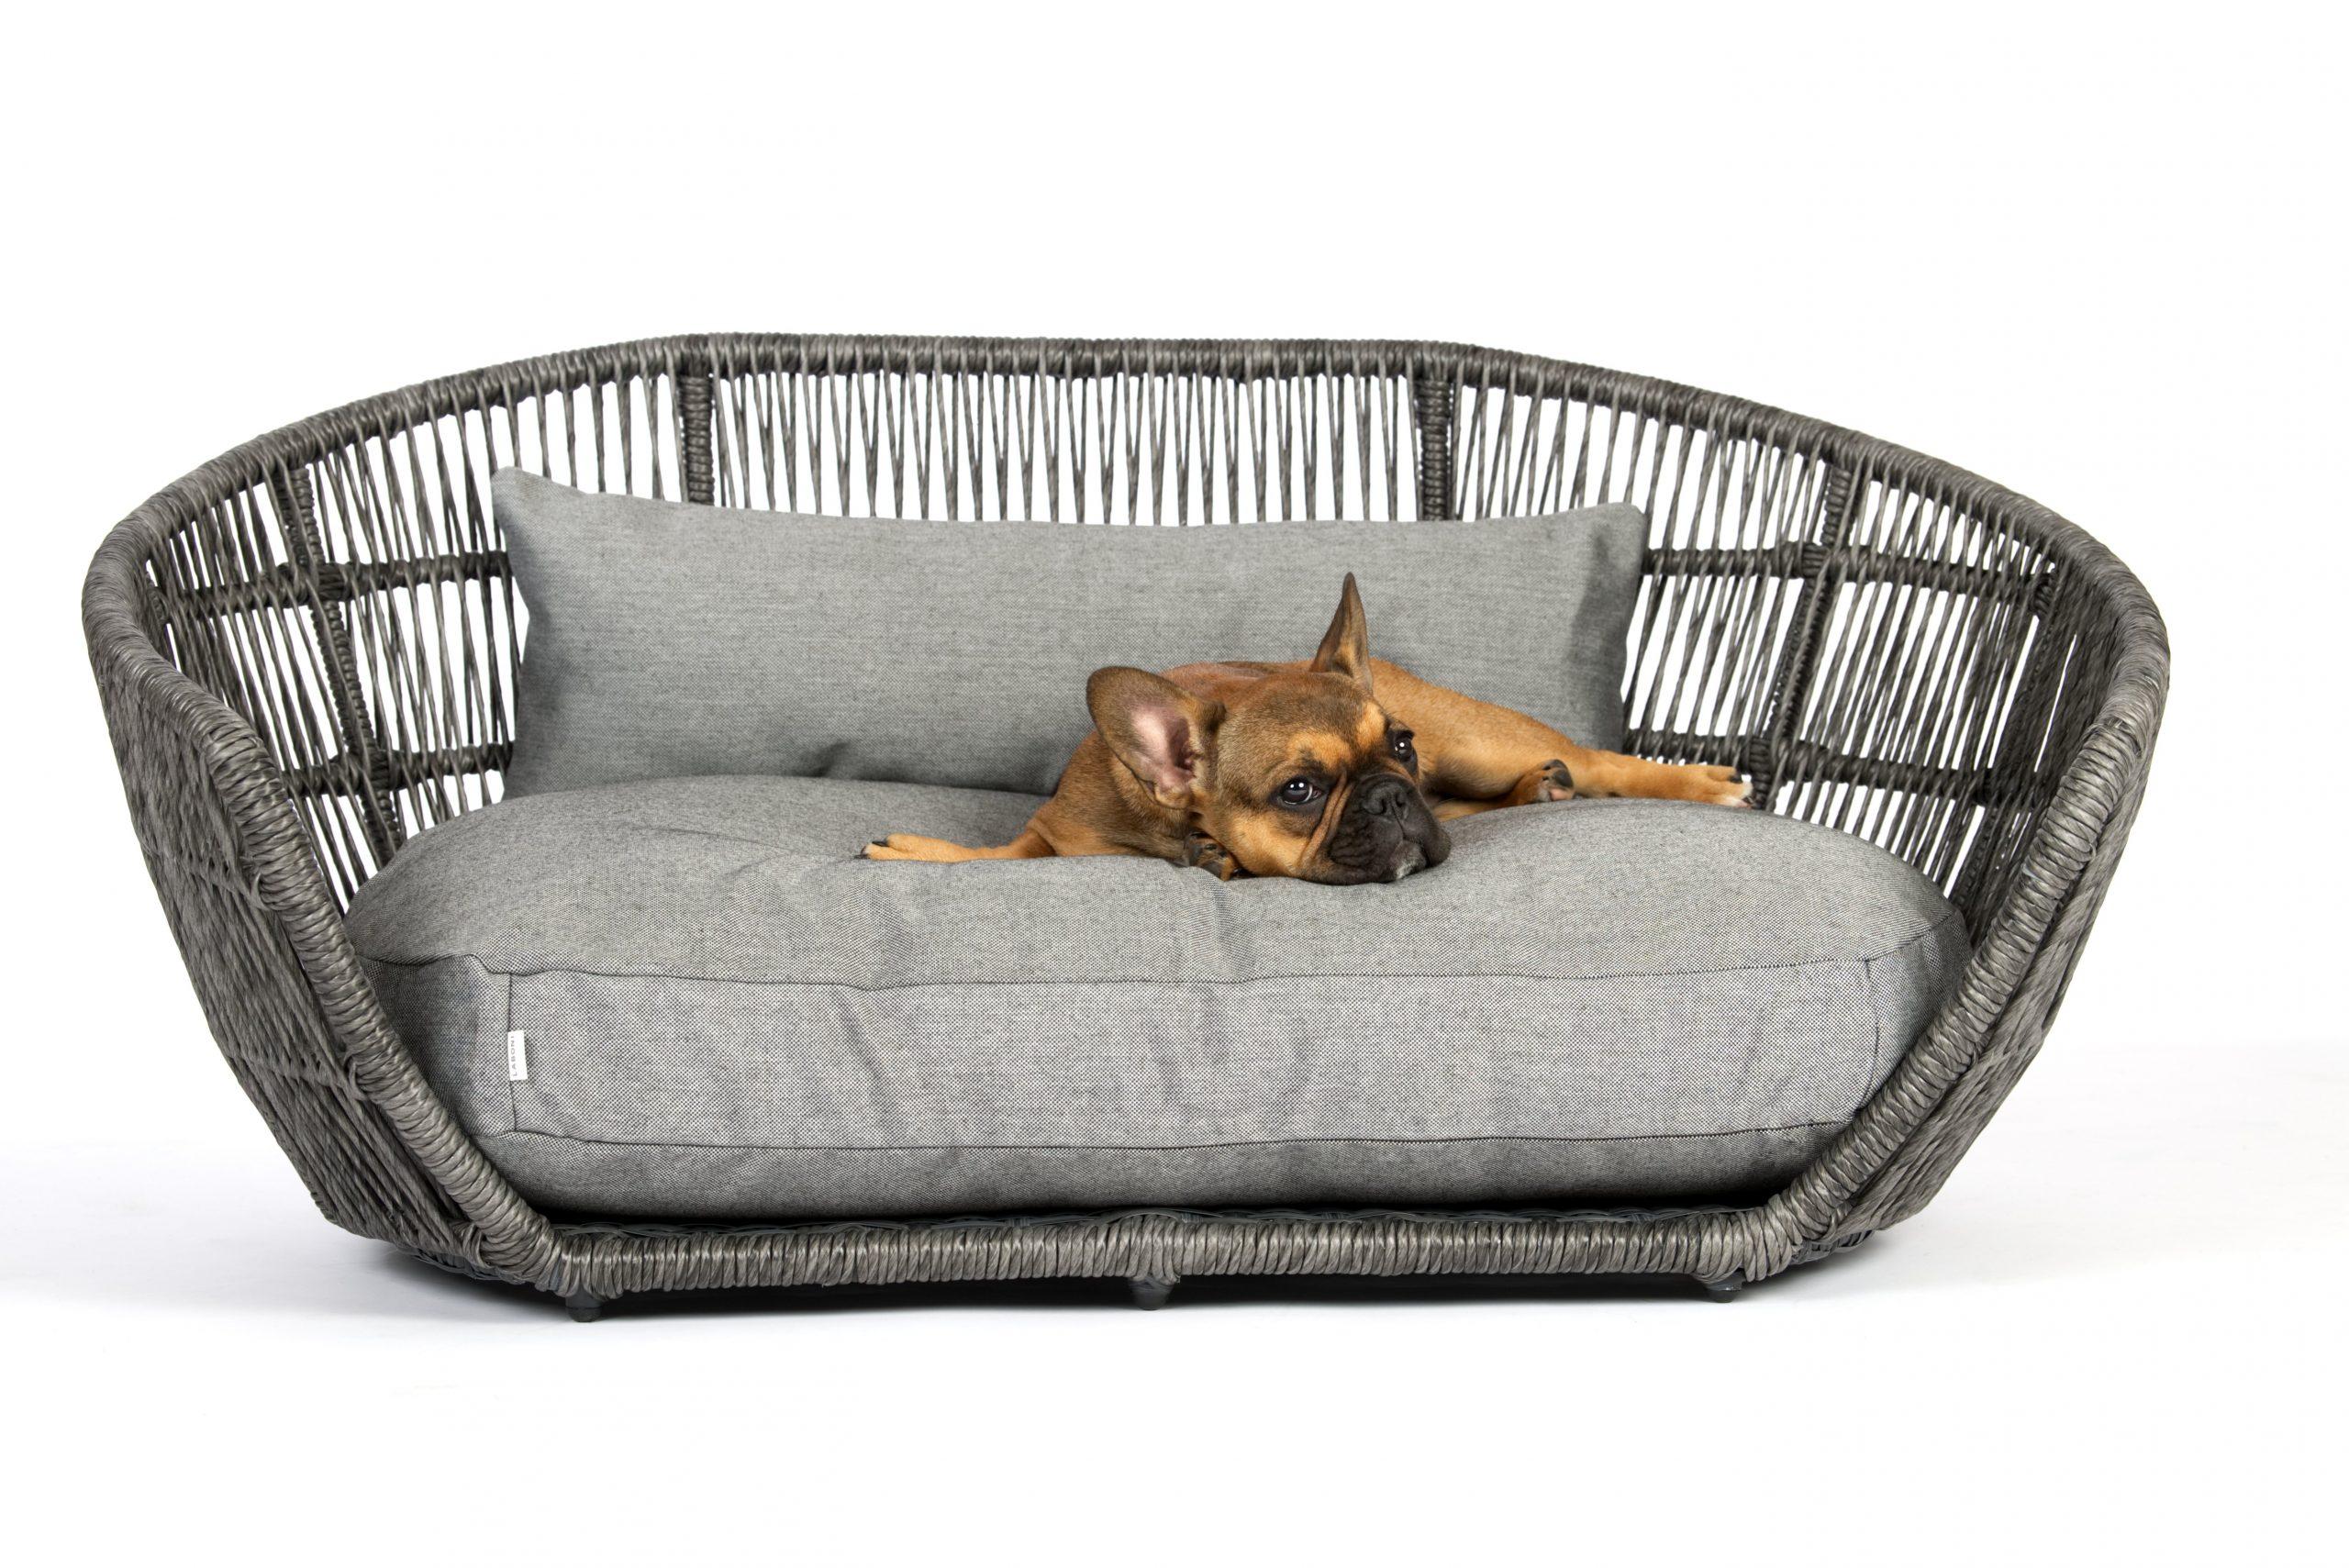 Full Size of Hunde Bett Hundebett Kunstleder Xxl Rund Holz Hundebettenmanufaktur Flocke Erfahrungen Test 125 Cm Wolke 120 Prado Rauch Betten 180x200 Treca Wickelbrett Für Bett Hunde Bett